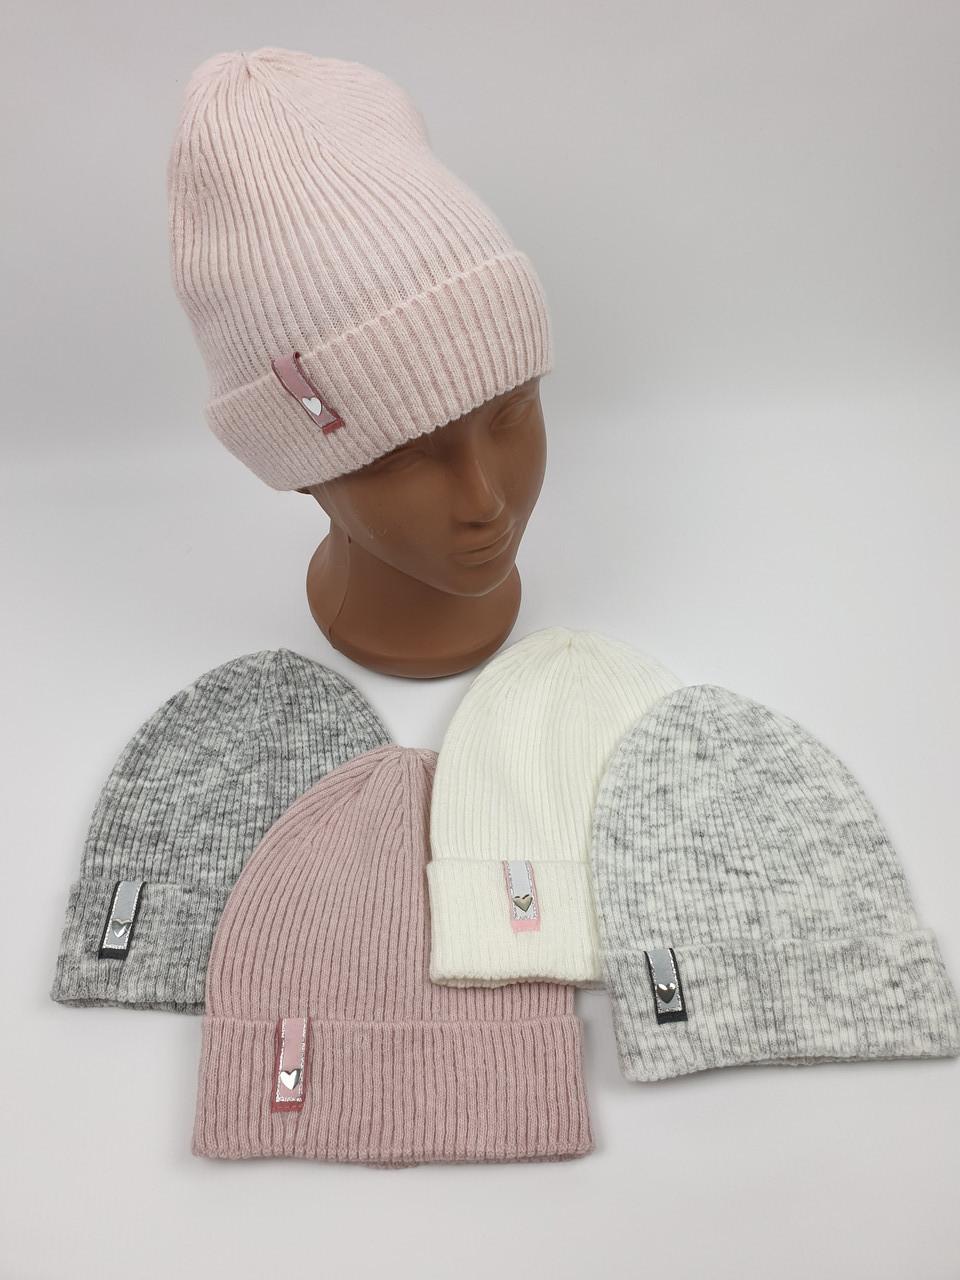 Подростковые демисезонные вязаные шапки для девочек оптом, р.48-50, Agbo (2773malaga)